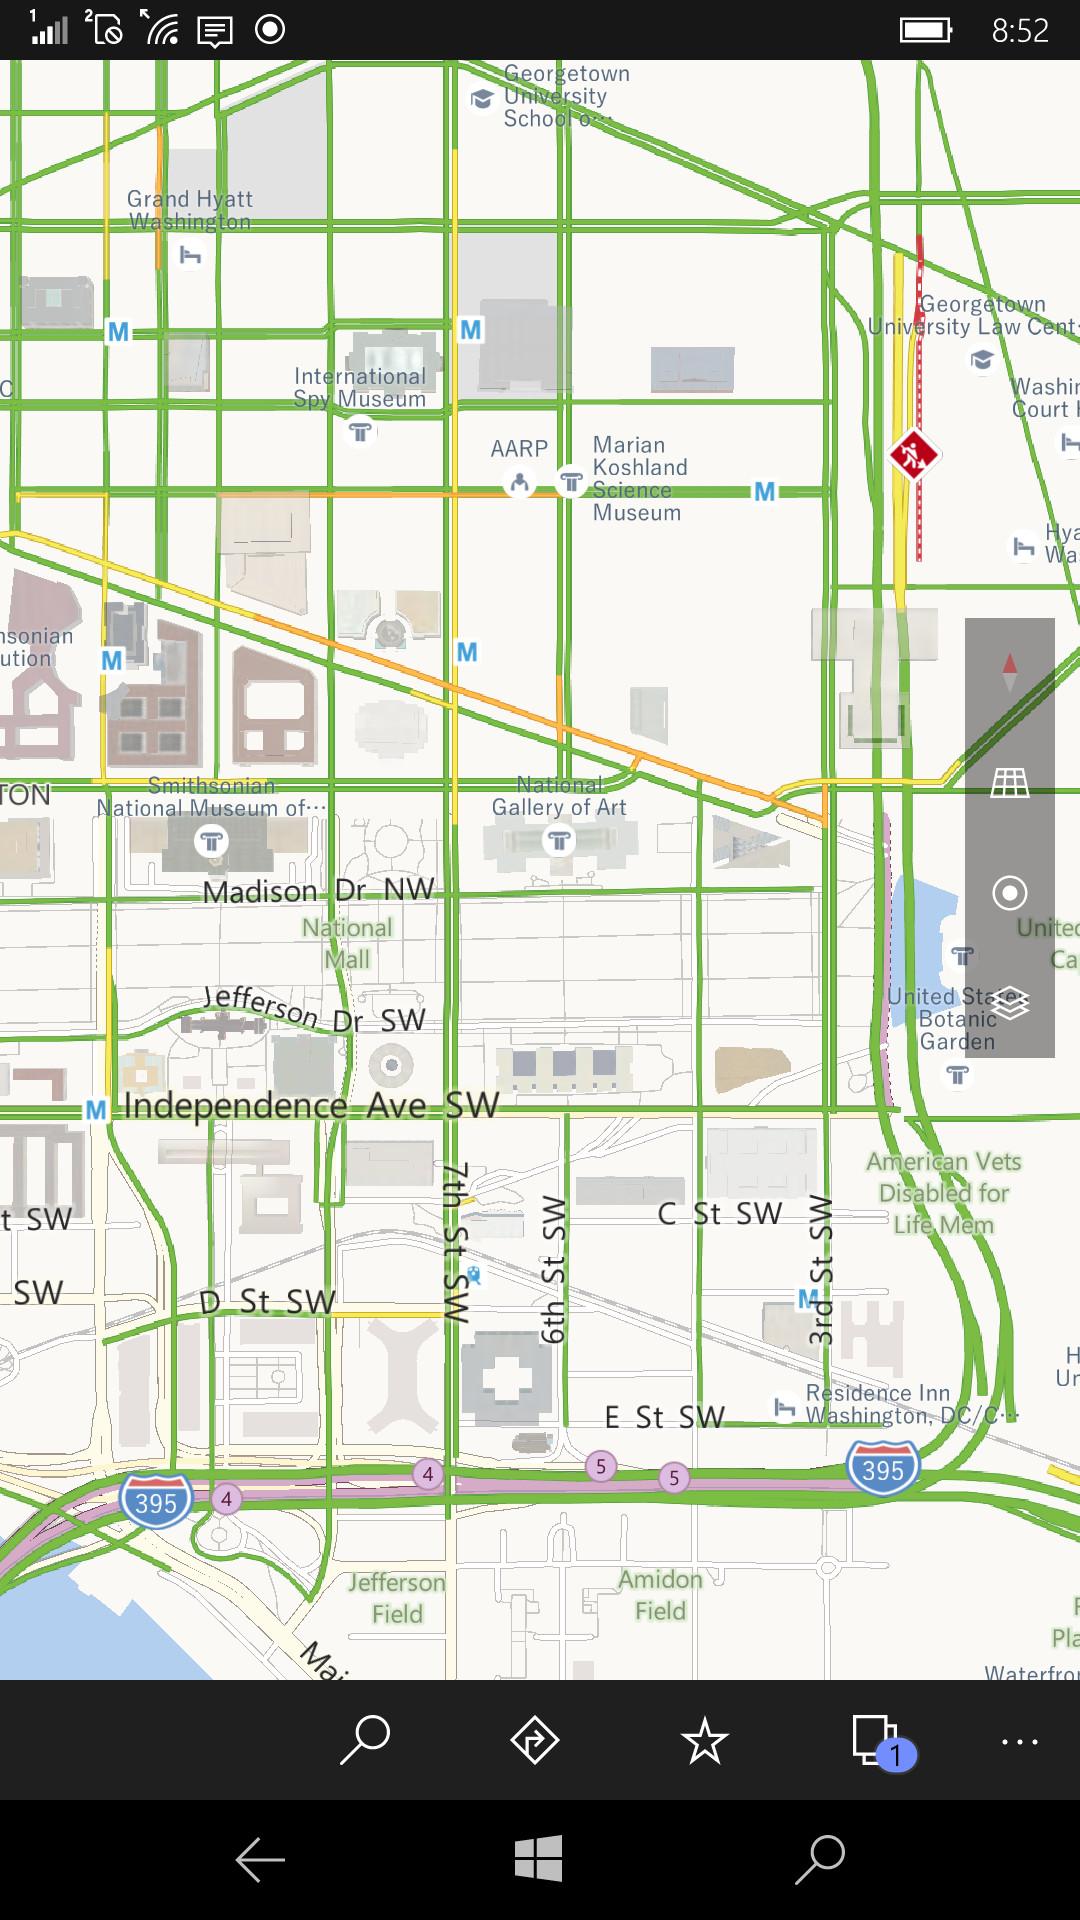 こちらは米国ワシントンDC周辺の交通情報を表示させた状態。右上の辺りで工事が行われていることが示されている